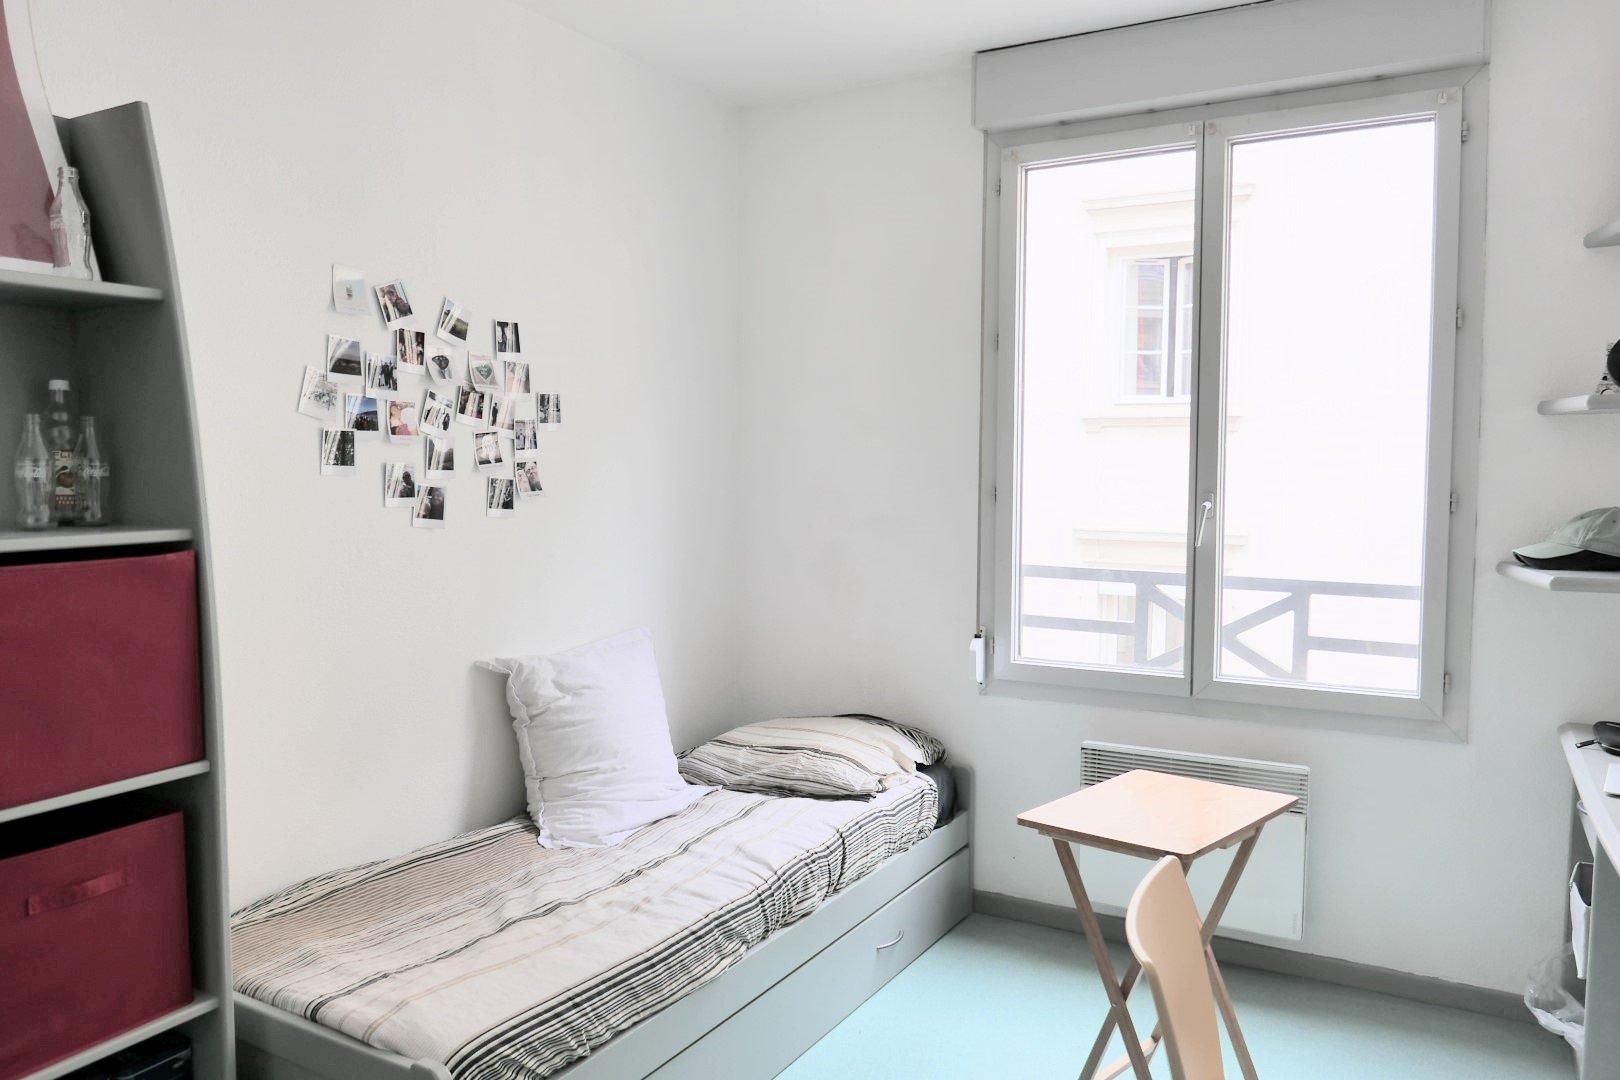 Achat Appartement Surface de 19 m², 1 pièce, Lyon 3ème (69003)